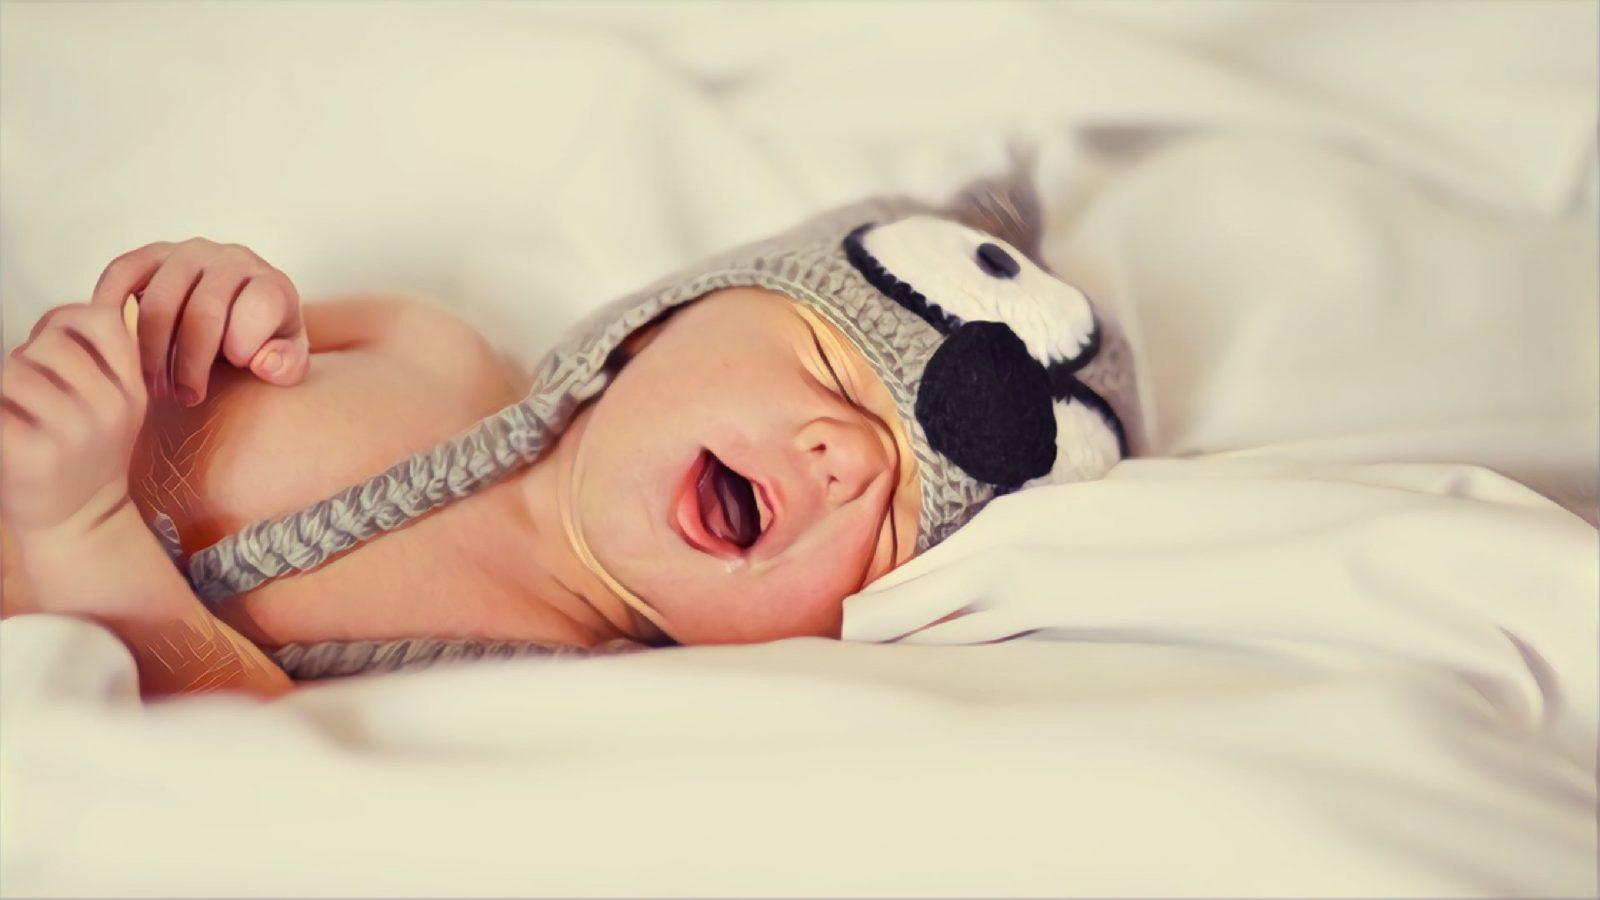 La ninna nanna per dormire meglio: ci pensa l'intelligenza artificiale!